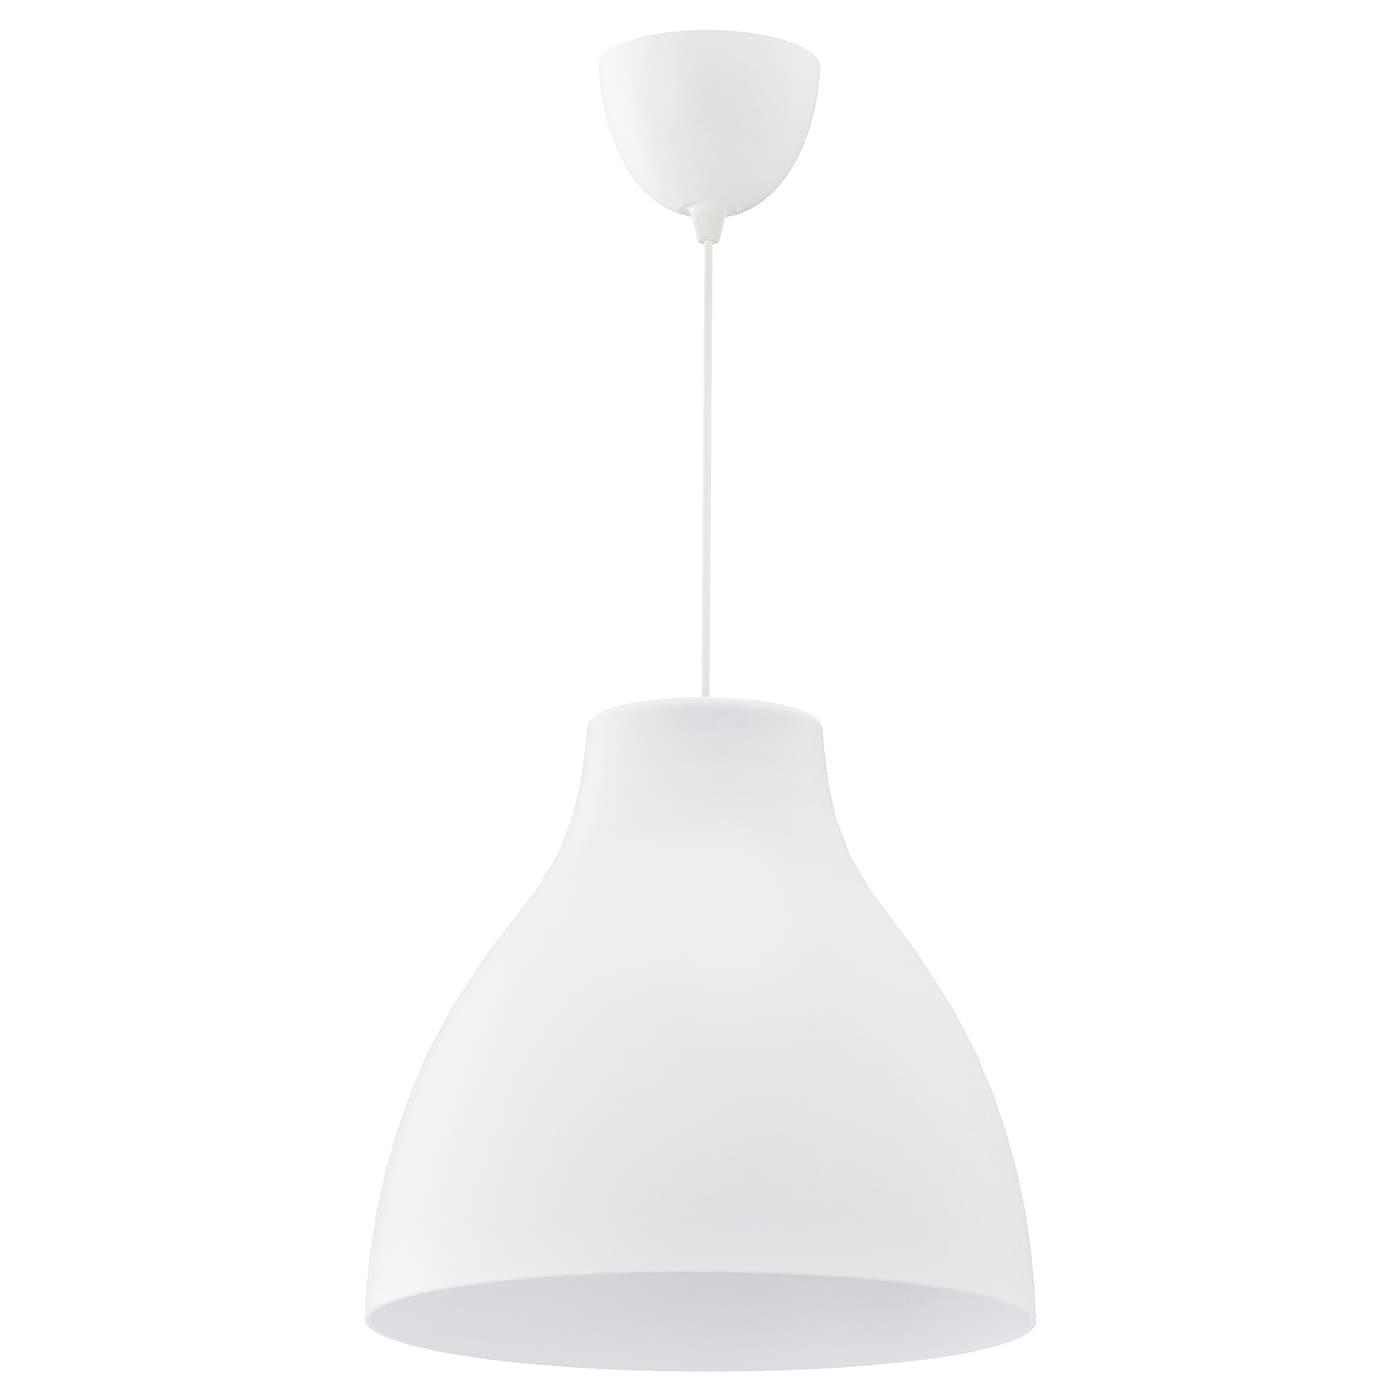 Ikea Lampe Weiß